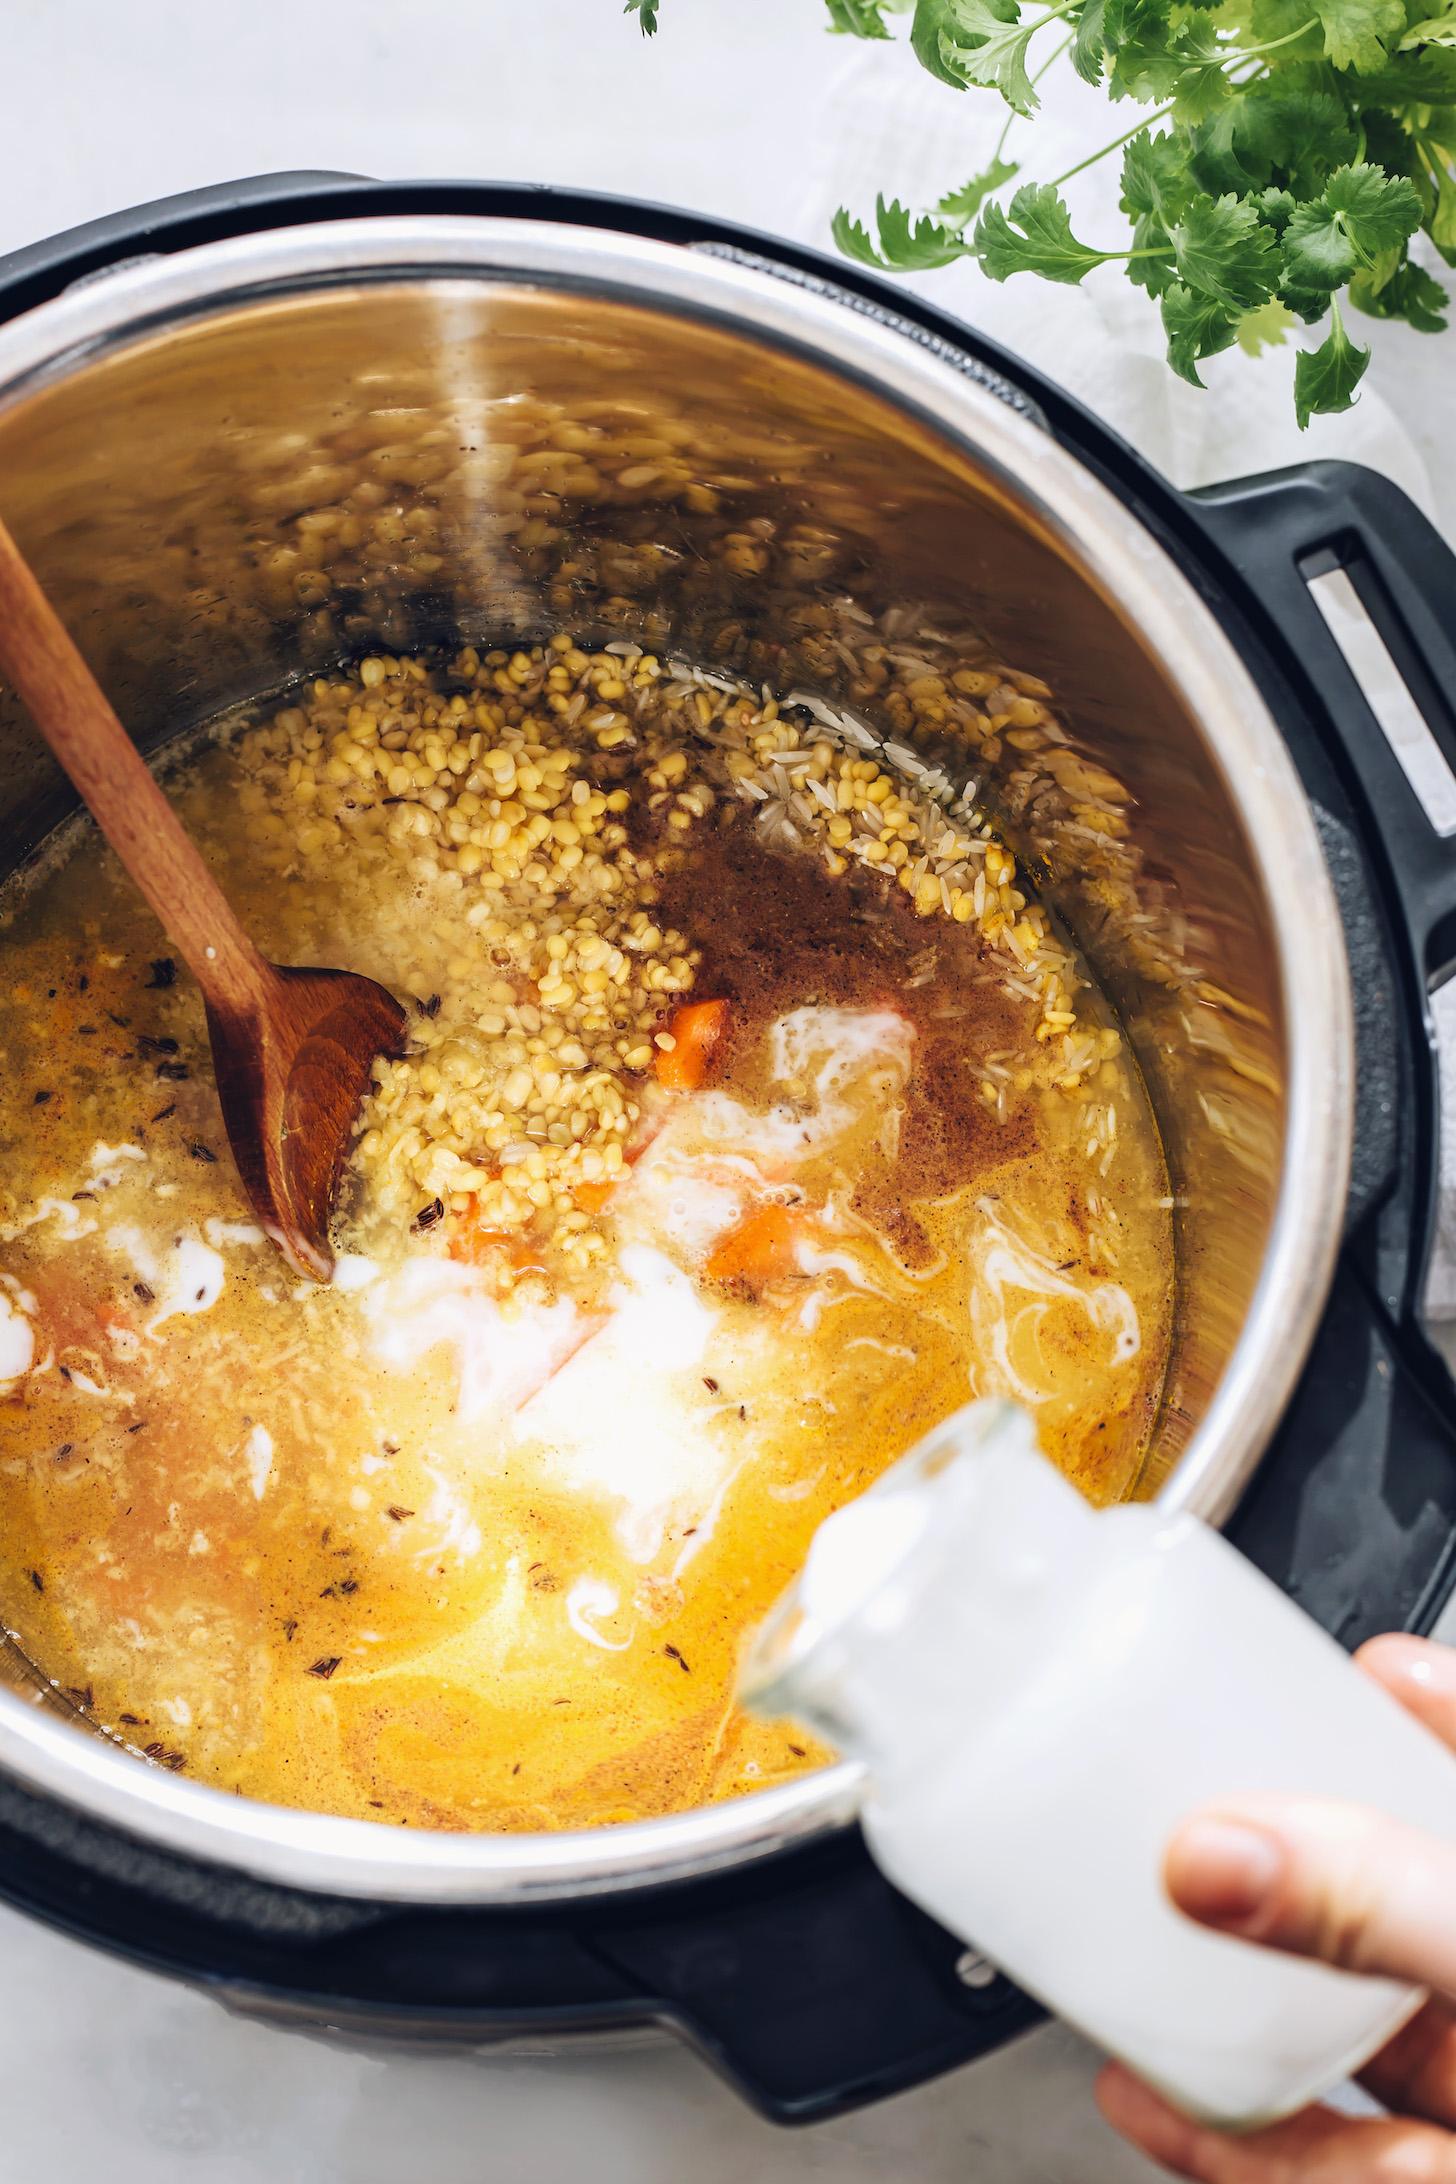 Verter la leche de coco en una olla de kitchari